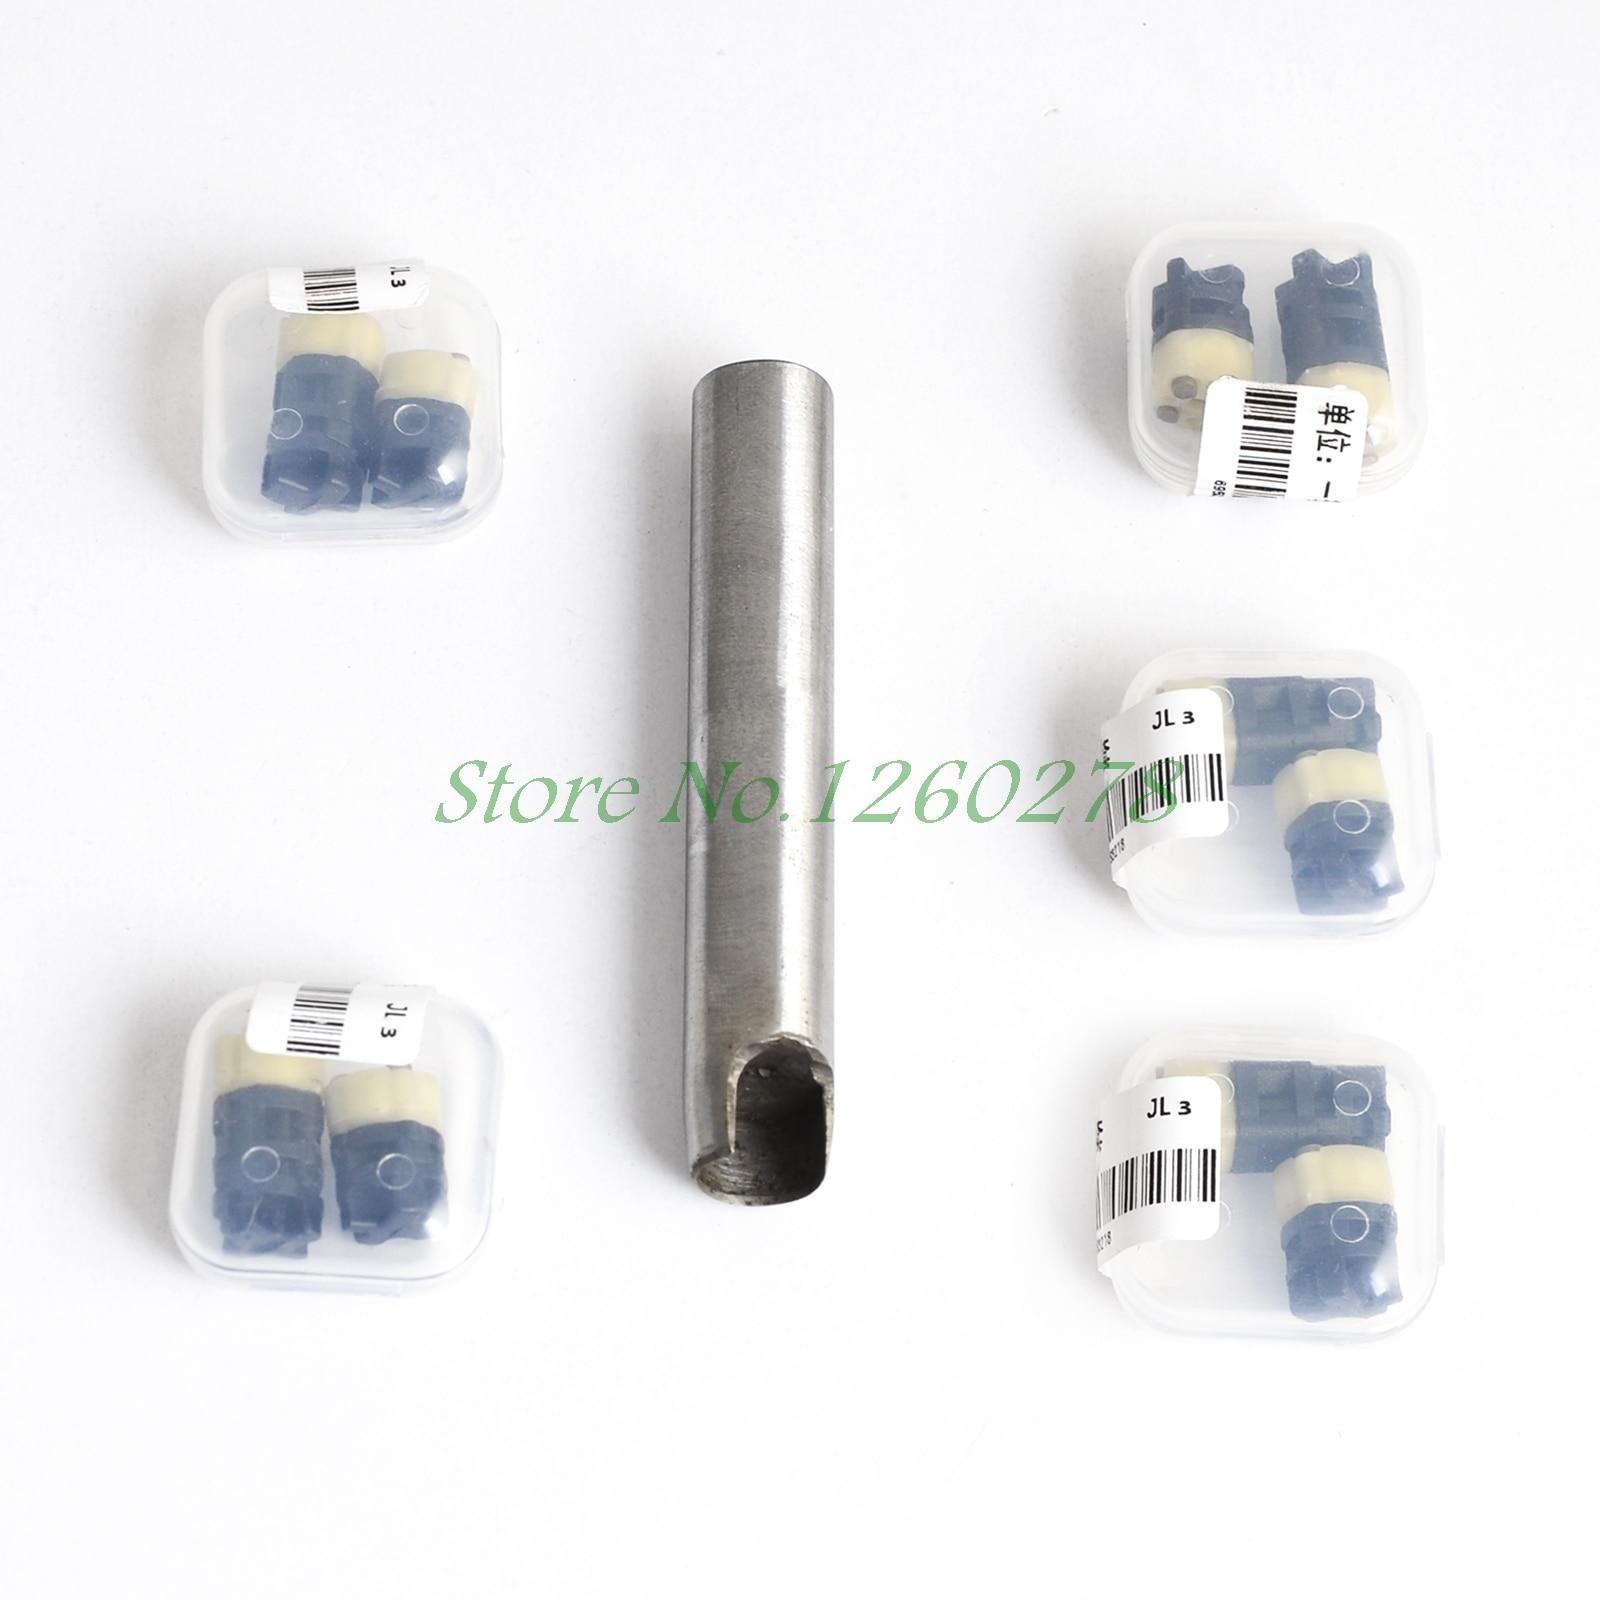 5 Paires 722.9 Contrôle Module Capteur & Montage Outil Y3/8n1 Y3/8n2 Pour Mercedes Benz 7G W221 S300 S350 S500 S550 S600